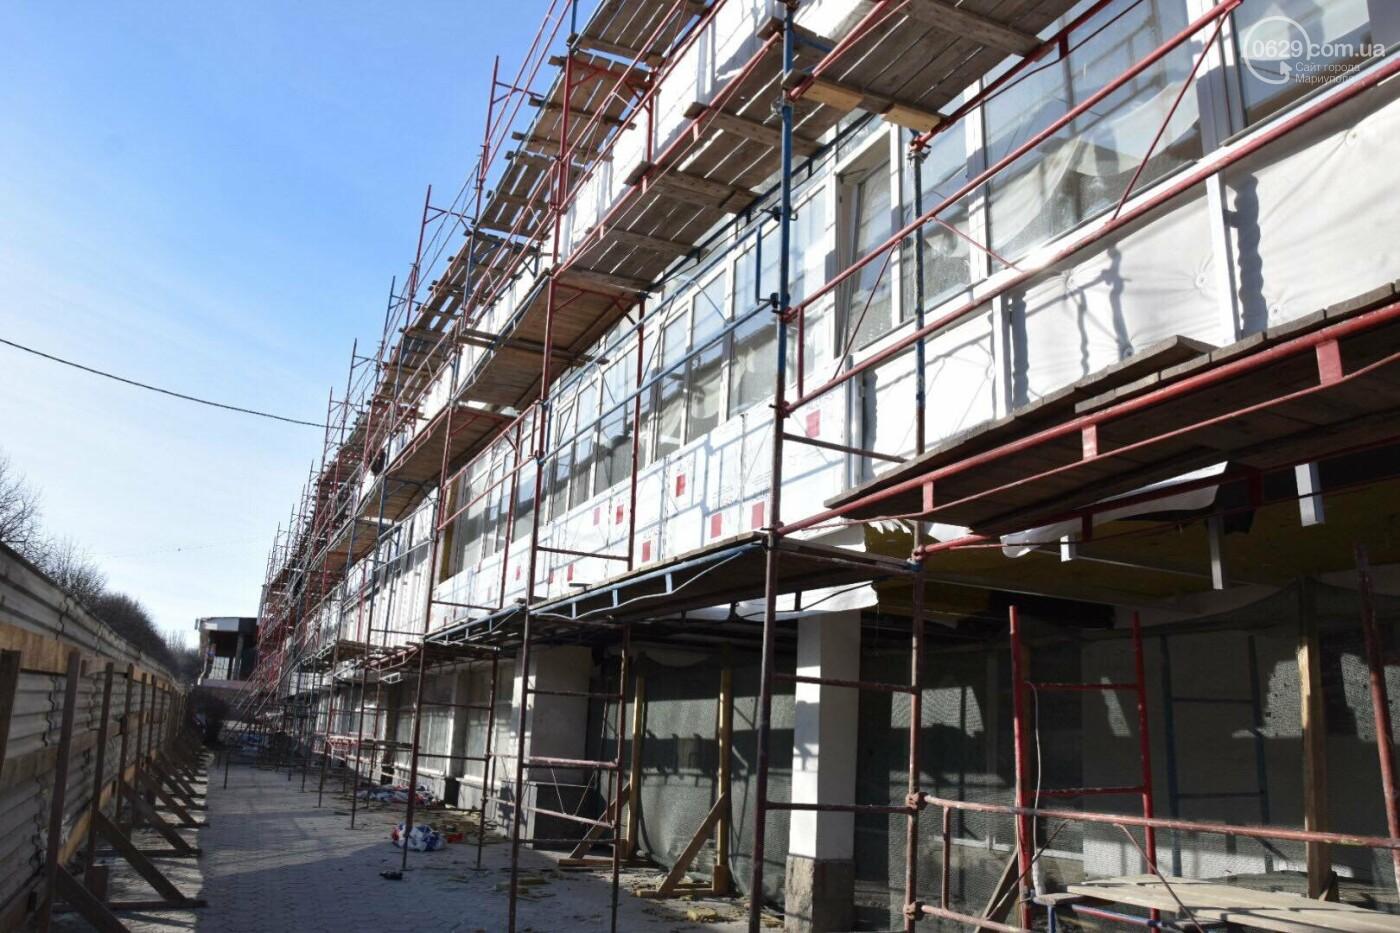 Как проходит ремонт главной библиотеки Мариуполя, - ФОТОРЕПОРТАЖ, фото-2